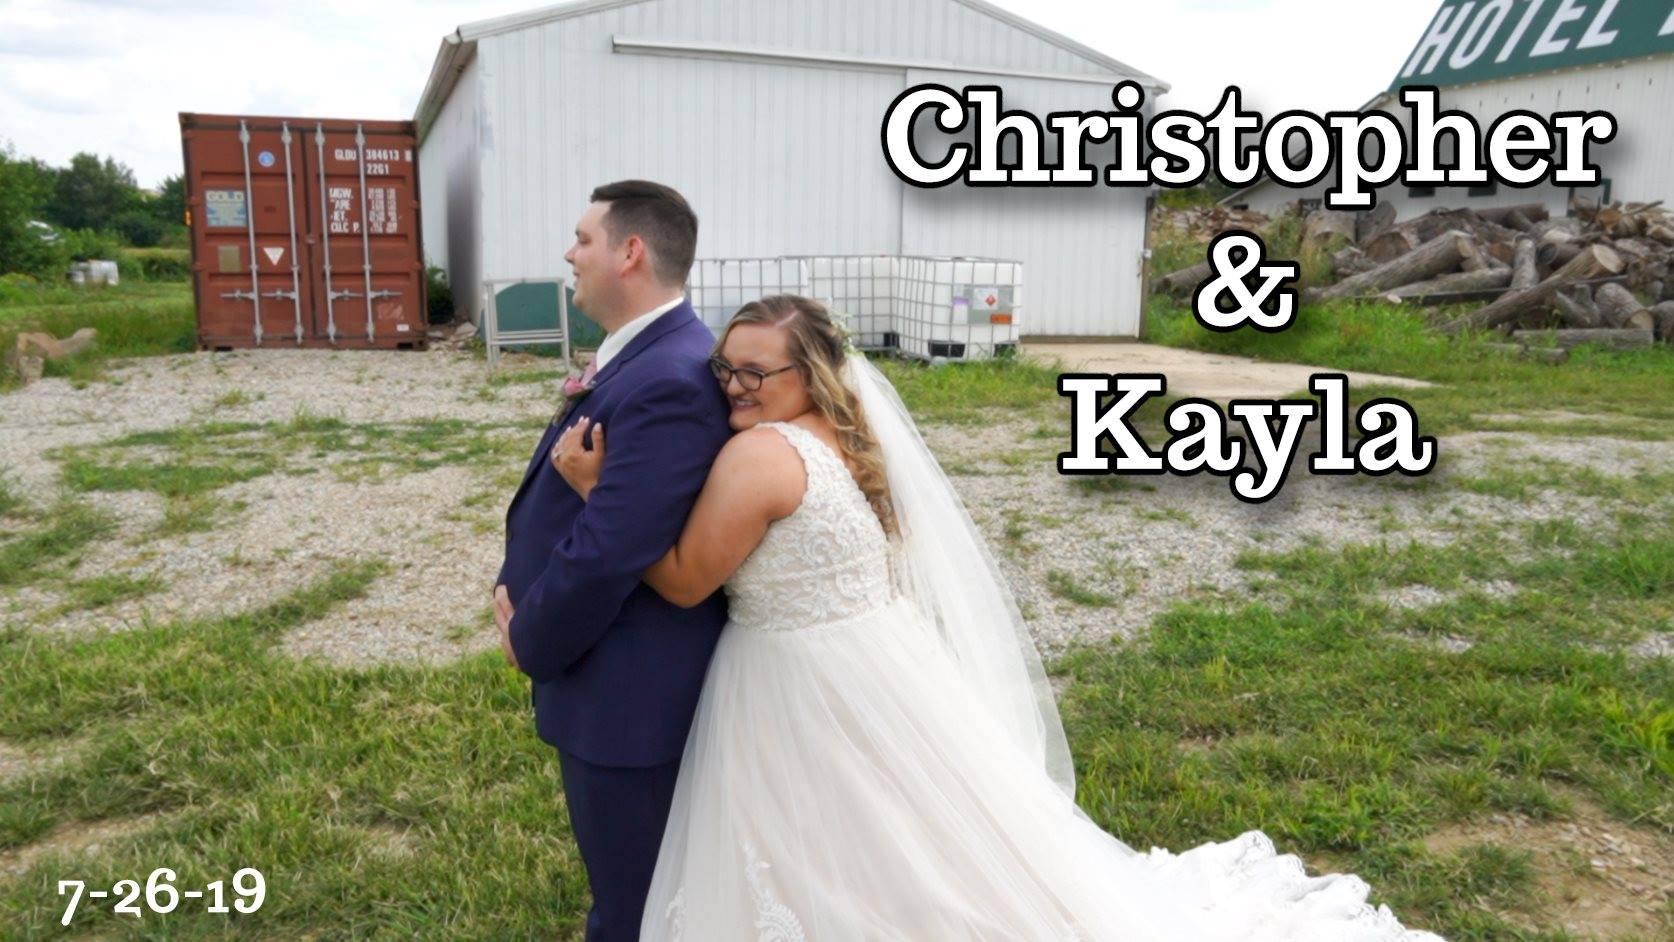 Christopher & Kayla Highlights